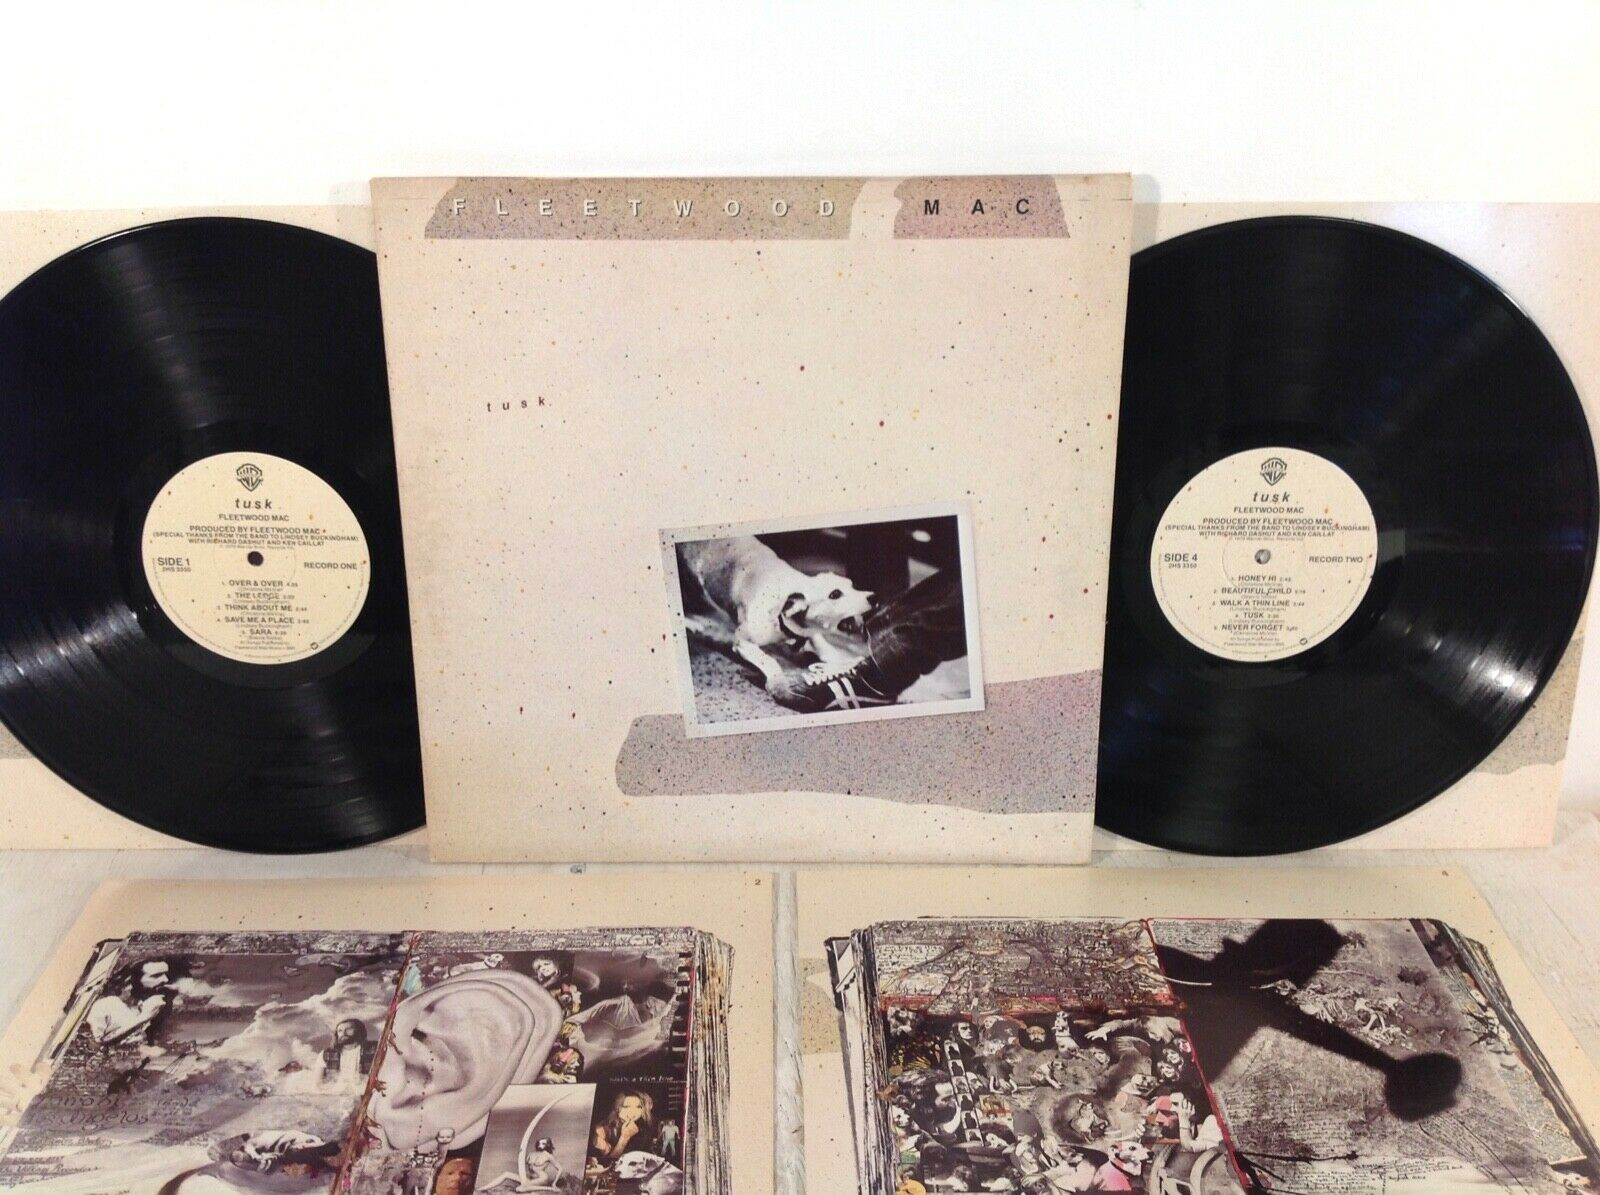 Fleetwood Mac - Tusk - Warner Bros 1979 2xLP Includes All Inner Sleeves VG+